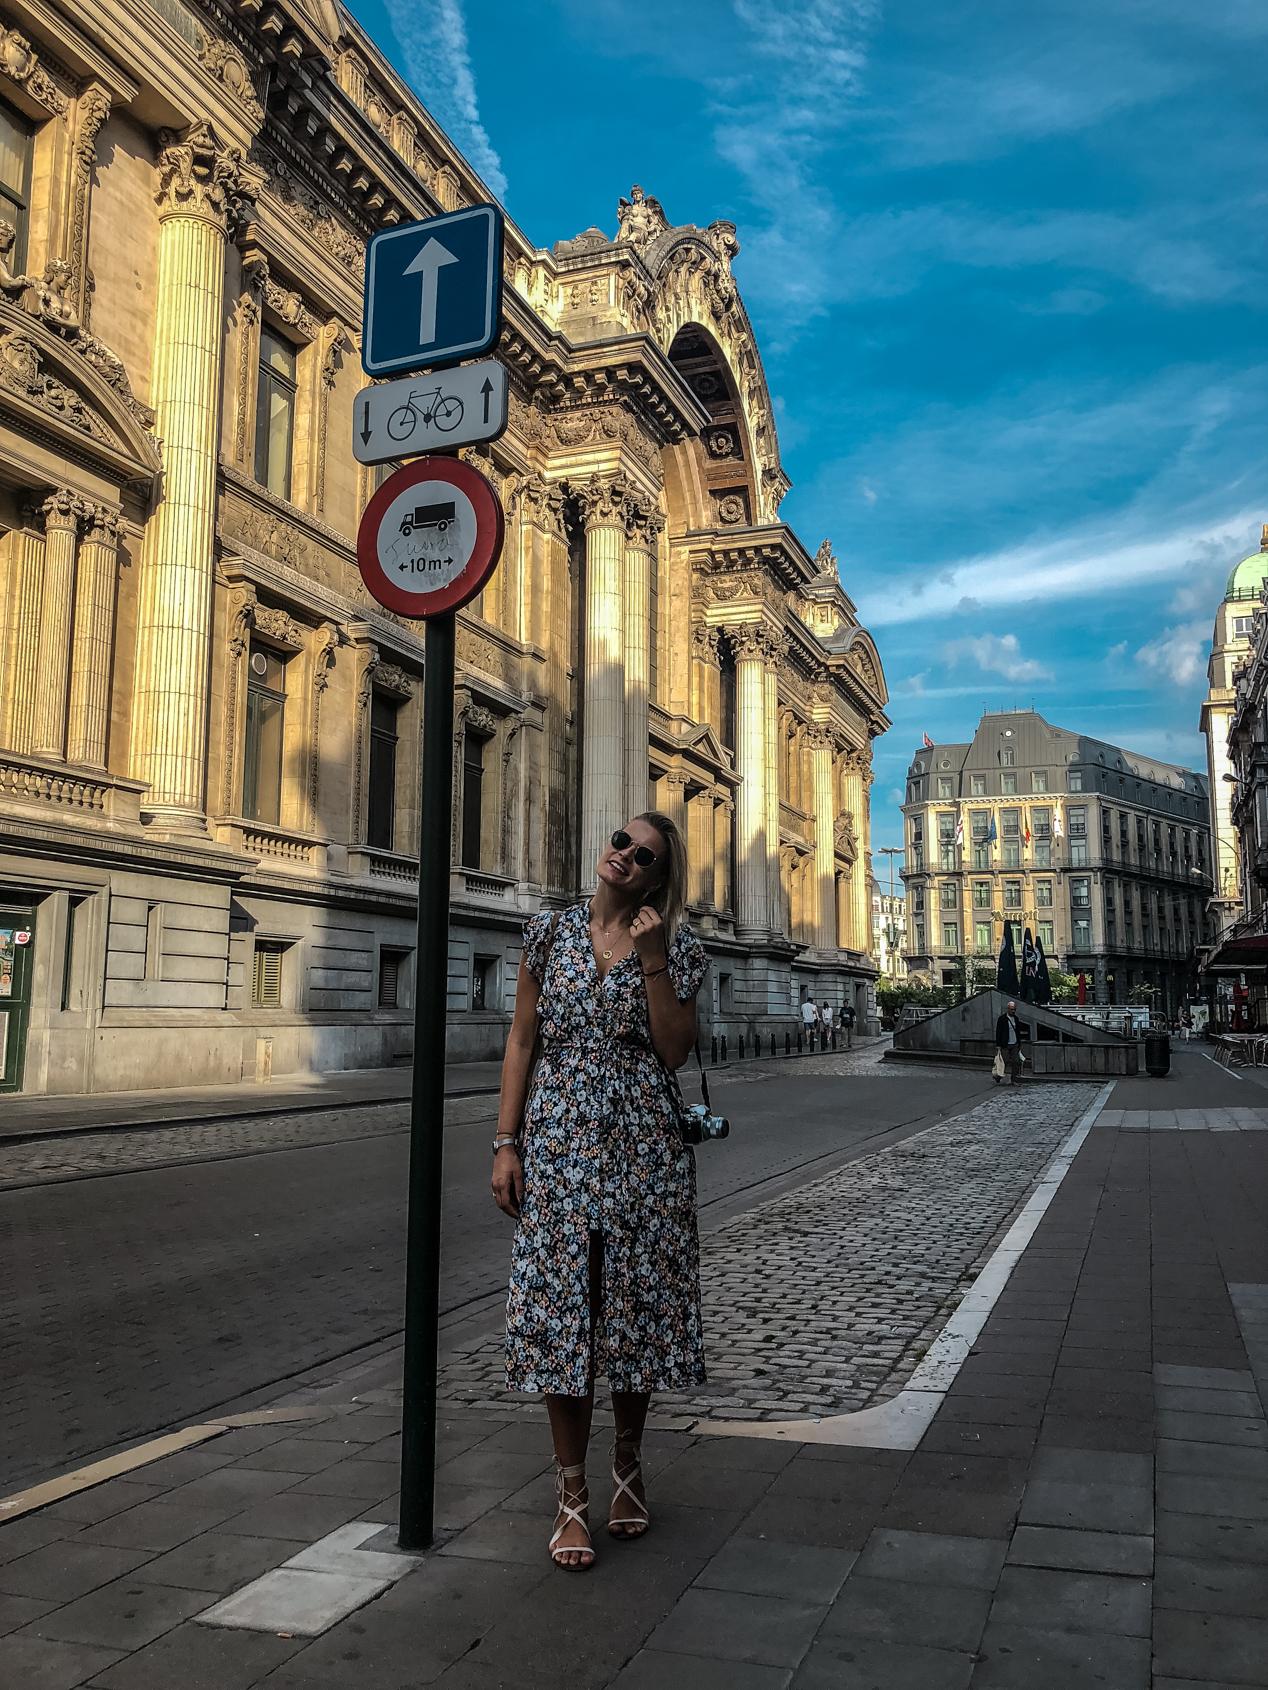 Insider Tipps für Brüssel, Traveldiary, Brussels, Belgien, Must Sees, Travel, Travelblog, Manneken Pis, Wohin in Brüssel, Sehenwürdigkeiten in Brüssel, www.lakatyfox.com